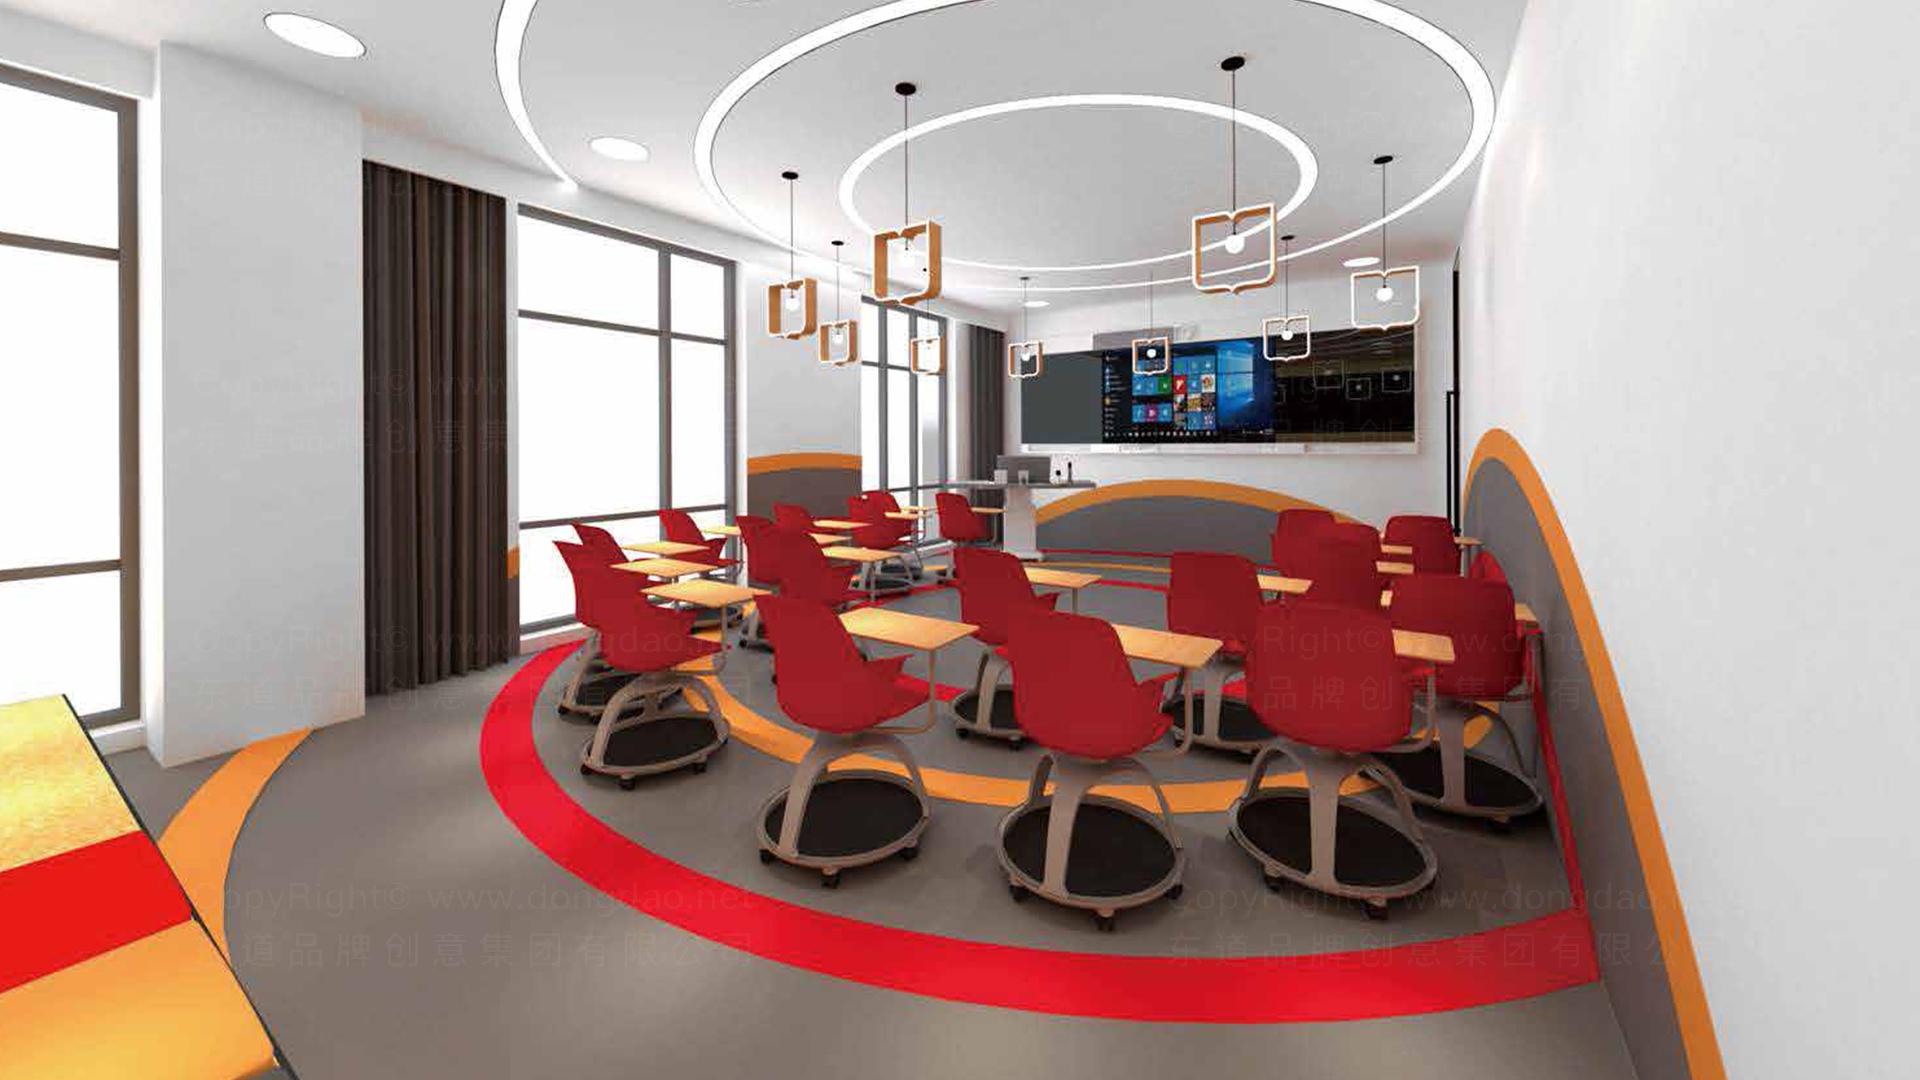 商业空间&导示华图教育终端SI设计应用场景_2